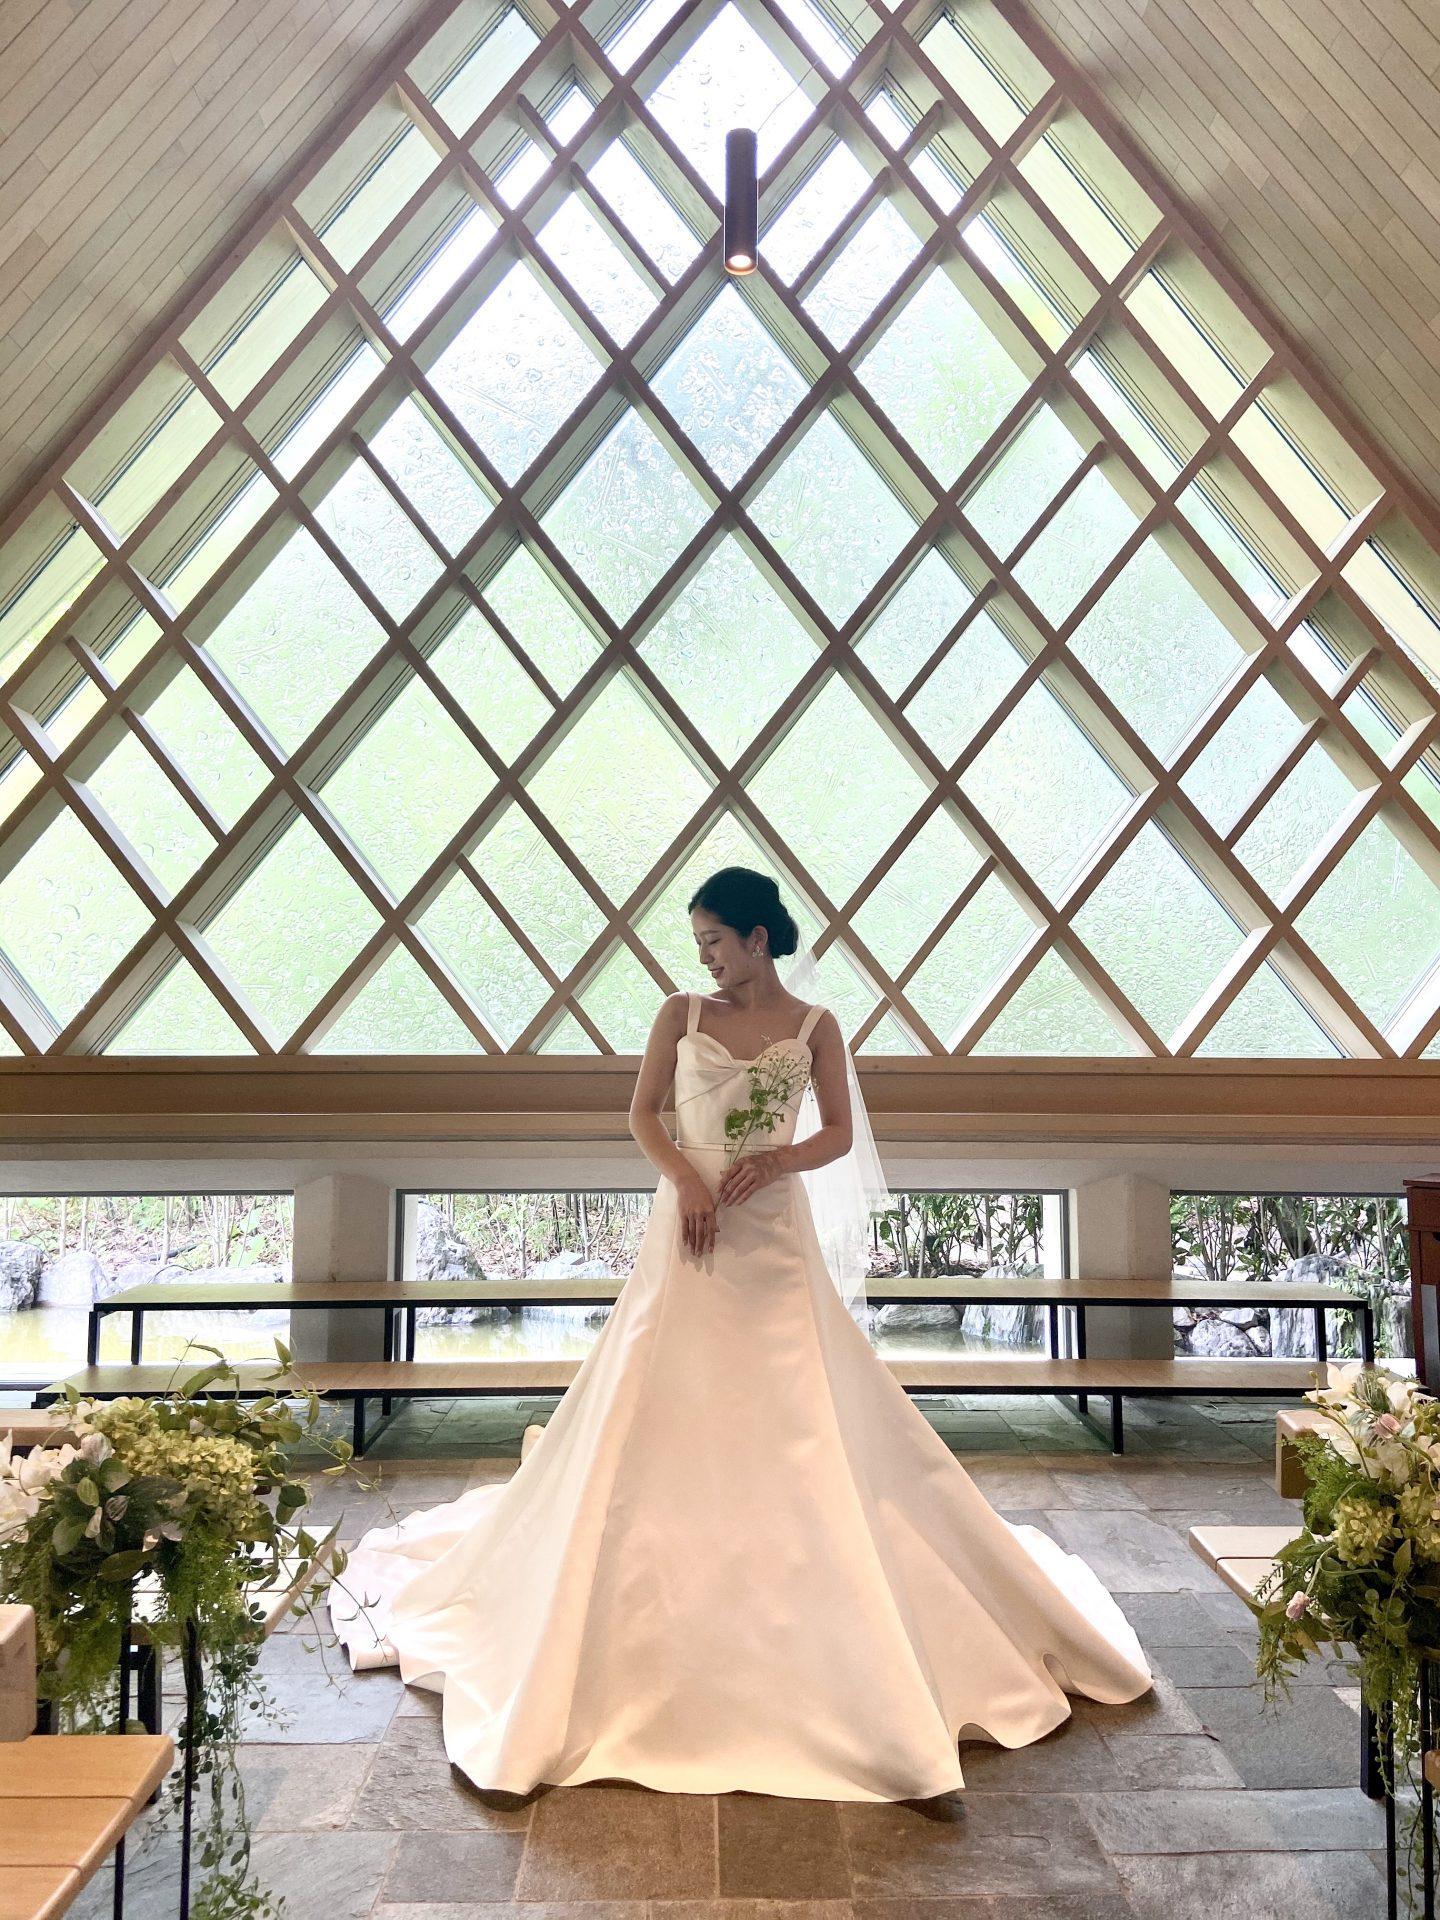 ザ・ガーデン・オリエンタル・オオサカのミュージックホールウエストに映えるエリー・サーブブライドのウェディングドレス